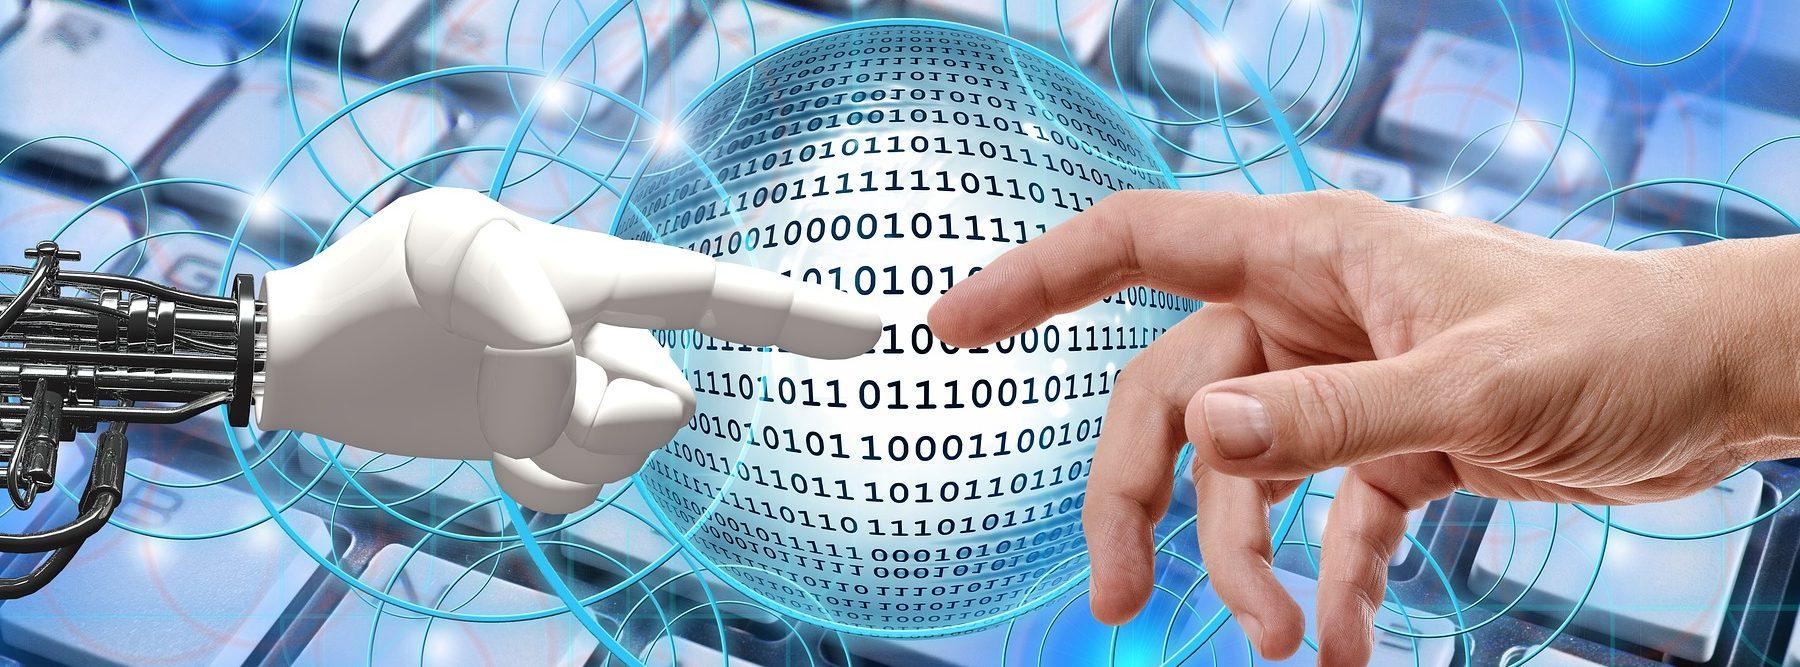 La piel electrónica que puede dotar a los robots de sentido del tacto